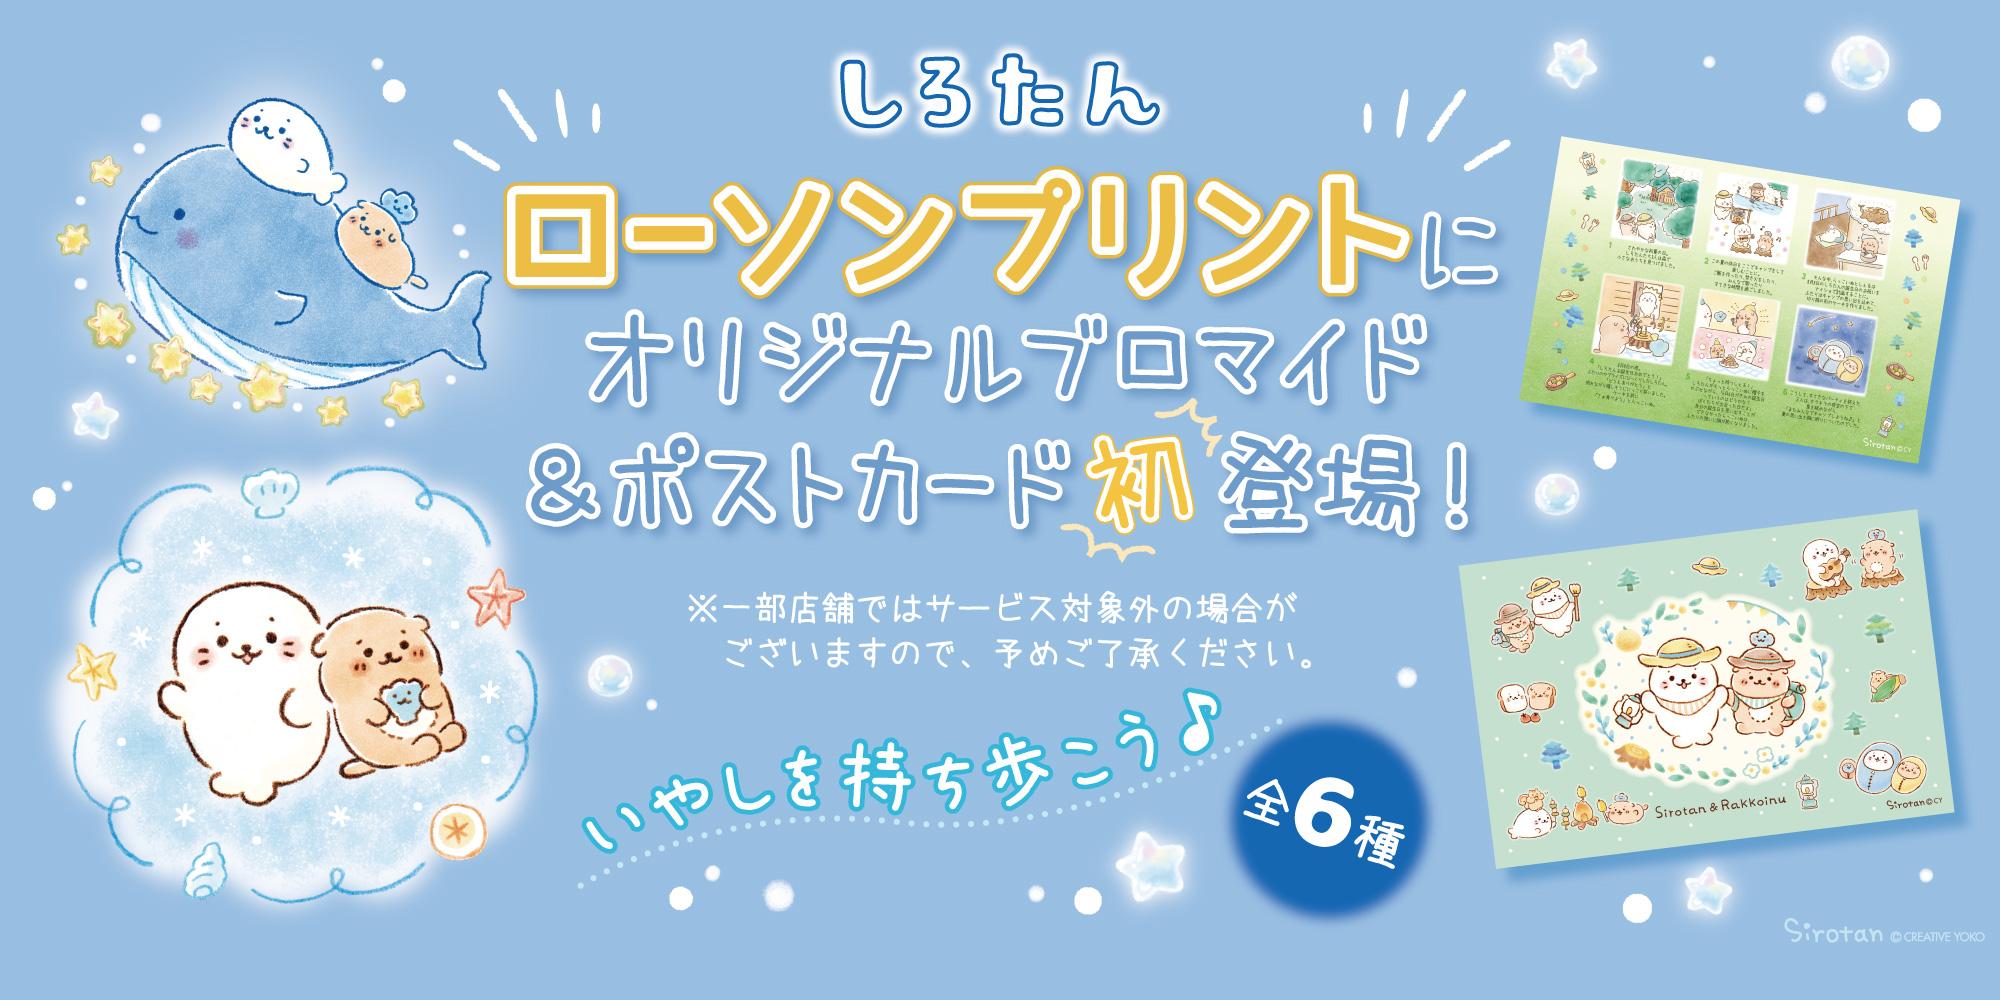 「ローソンプリント」にしろたんが初登場!:8/3(火)~